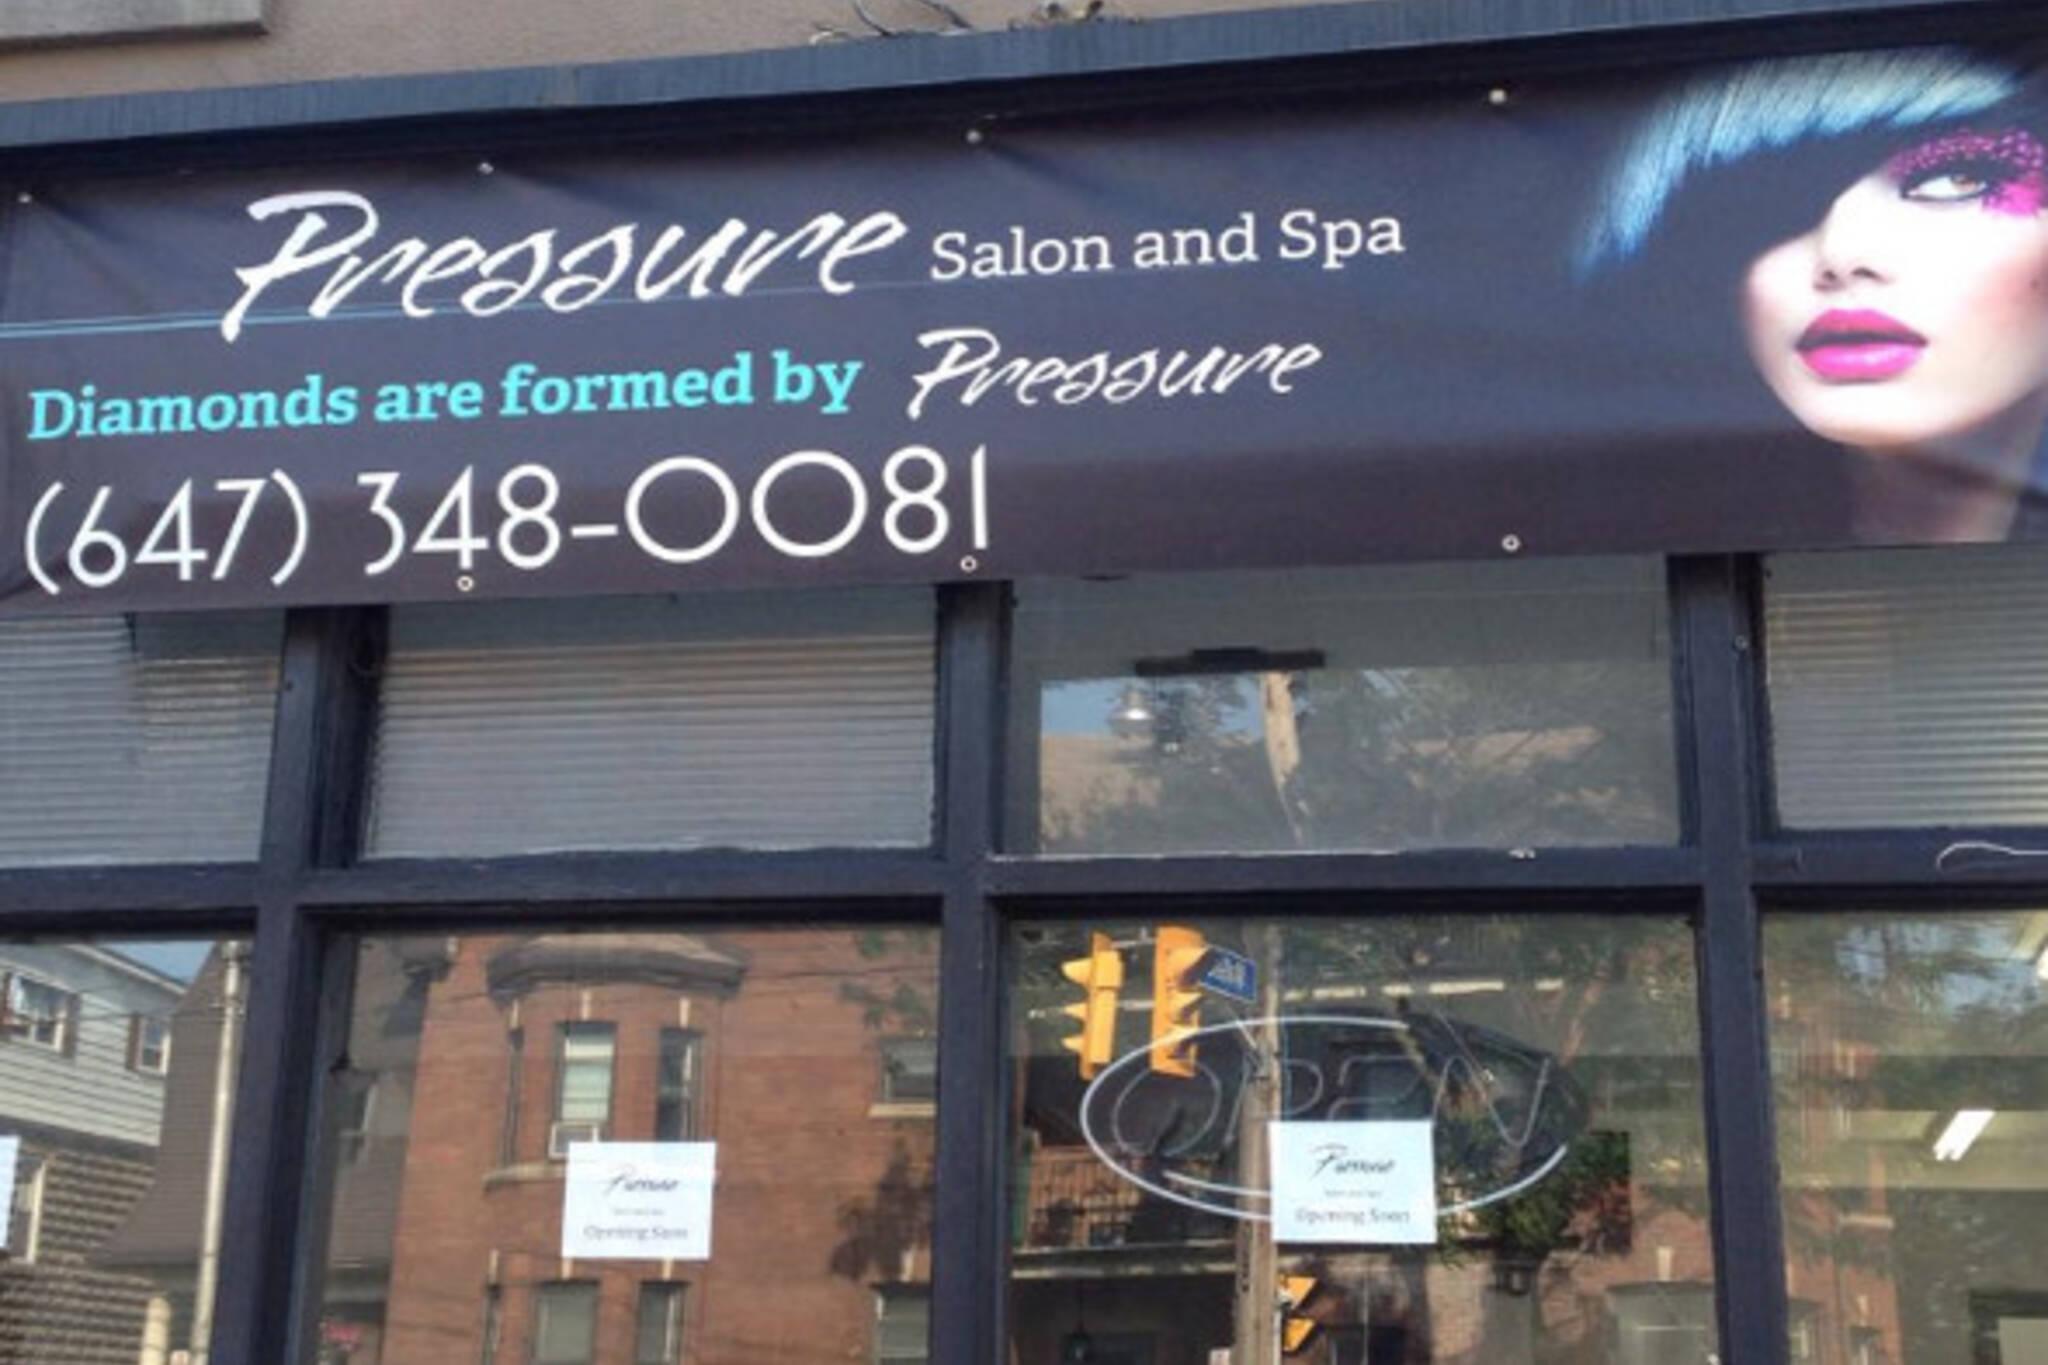 Pressure salon and spa blogto toronto for W salon and spa